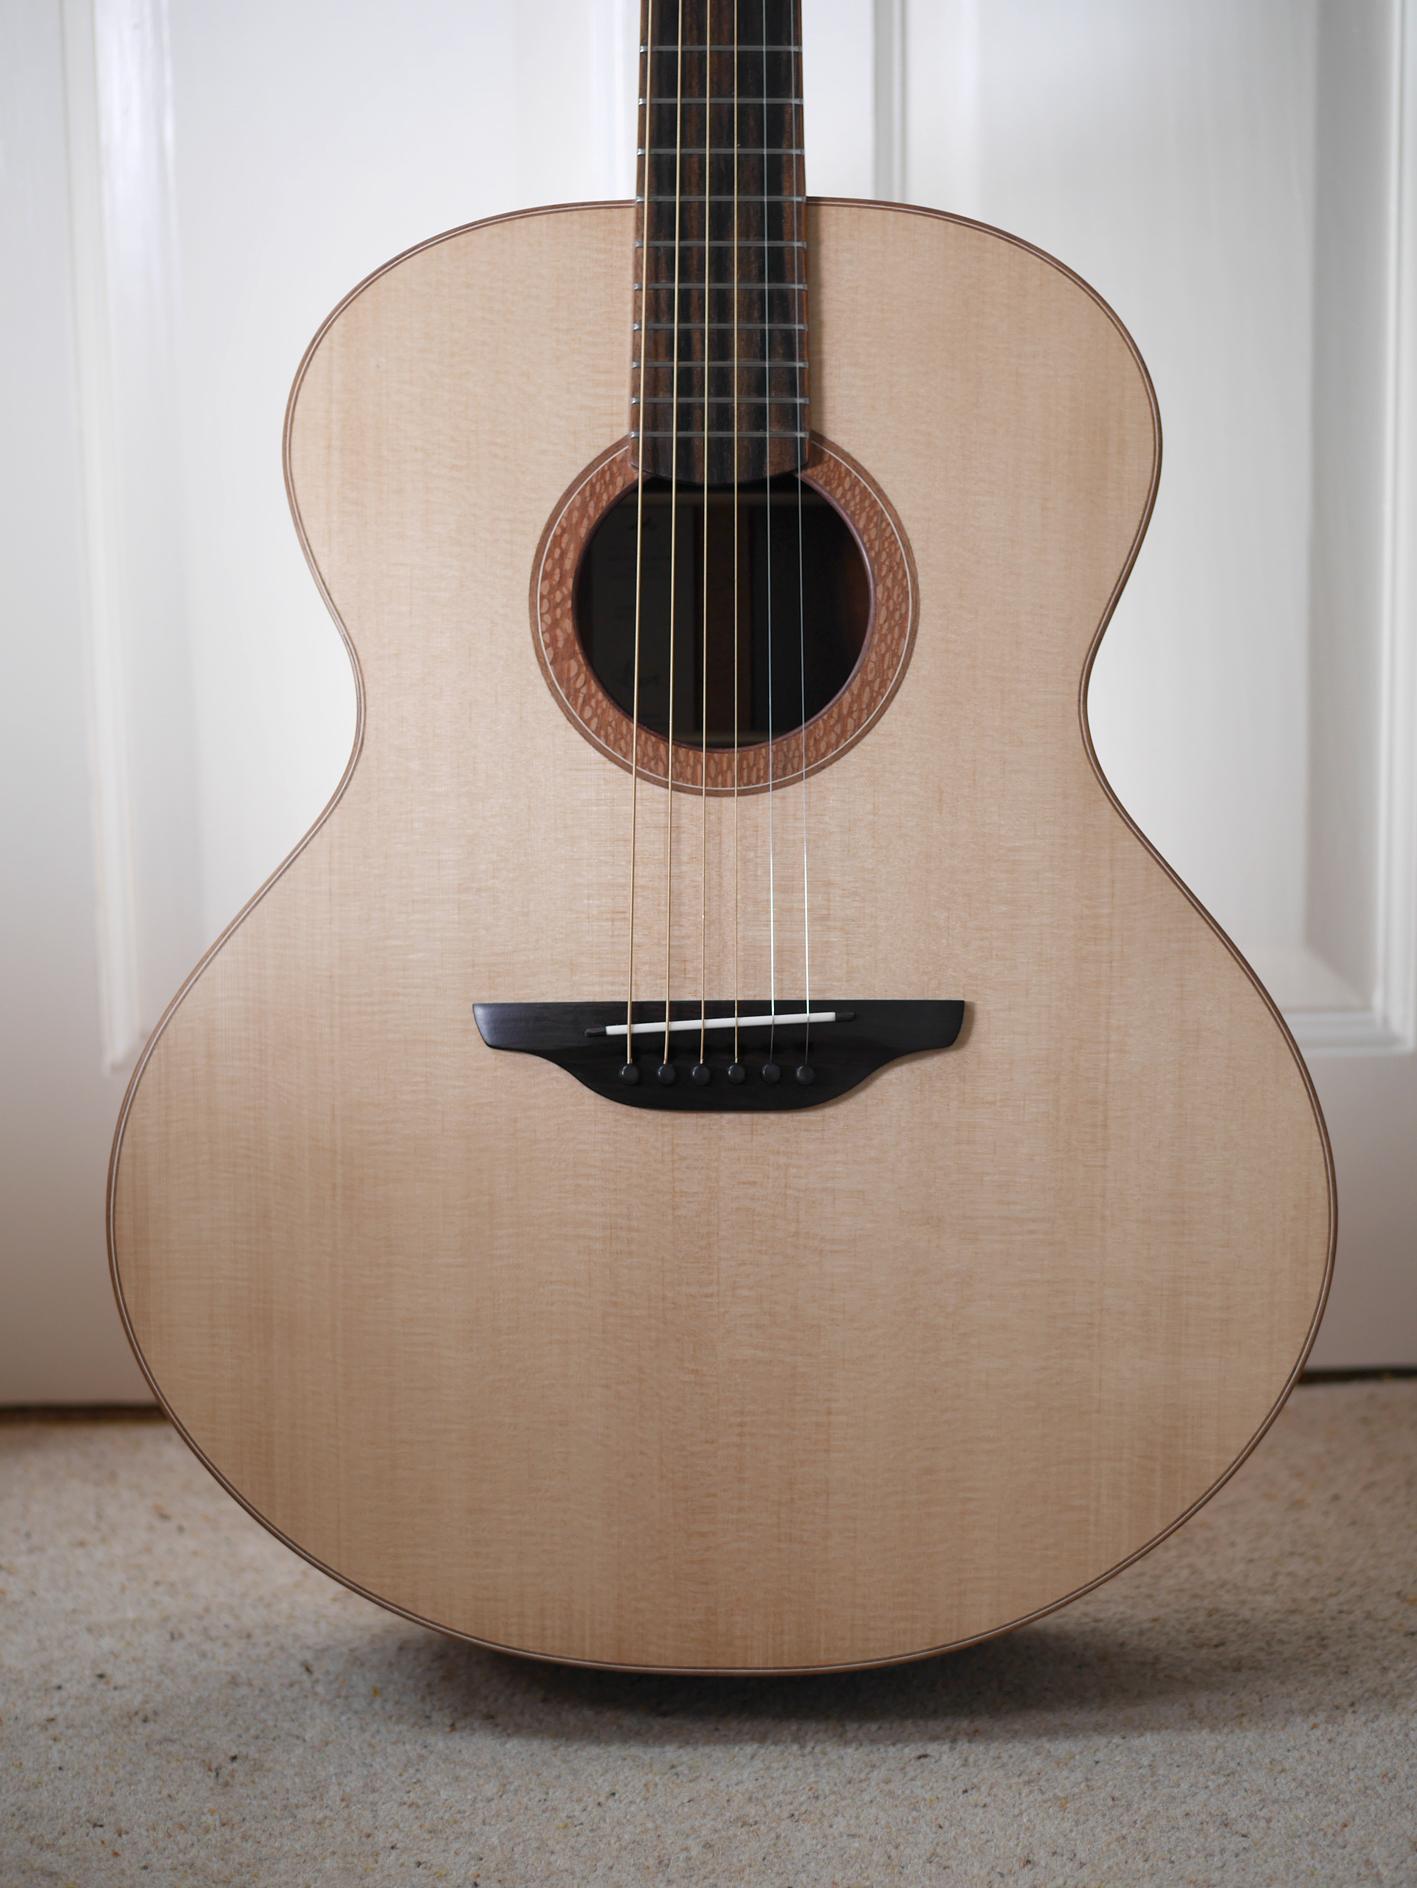 andreas montgomery, montgomery guitars, honduras rosewood